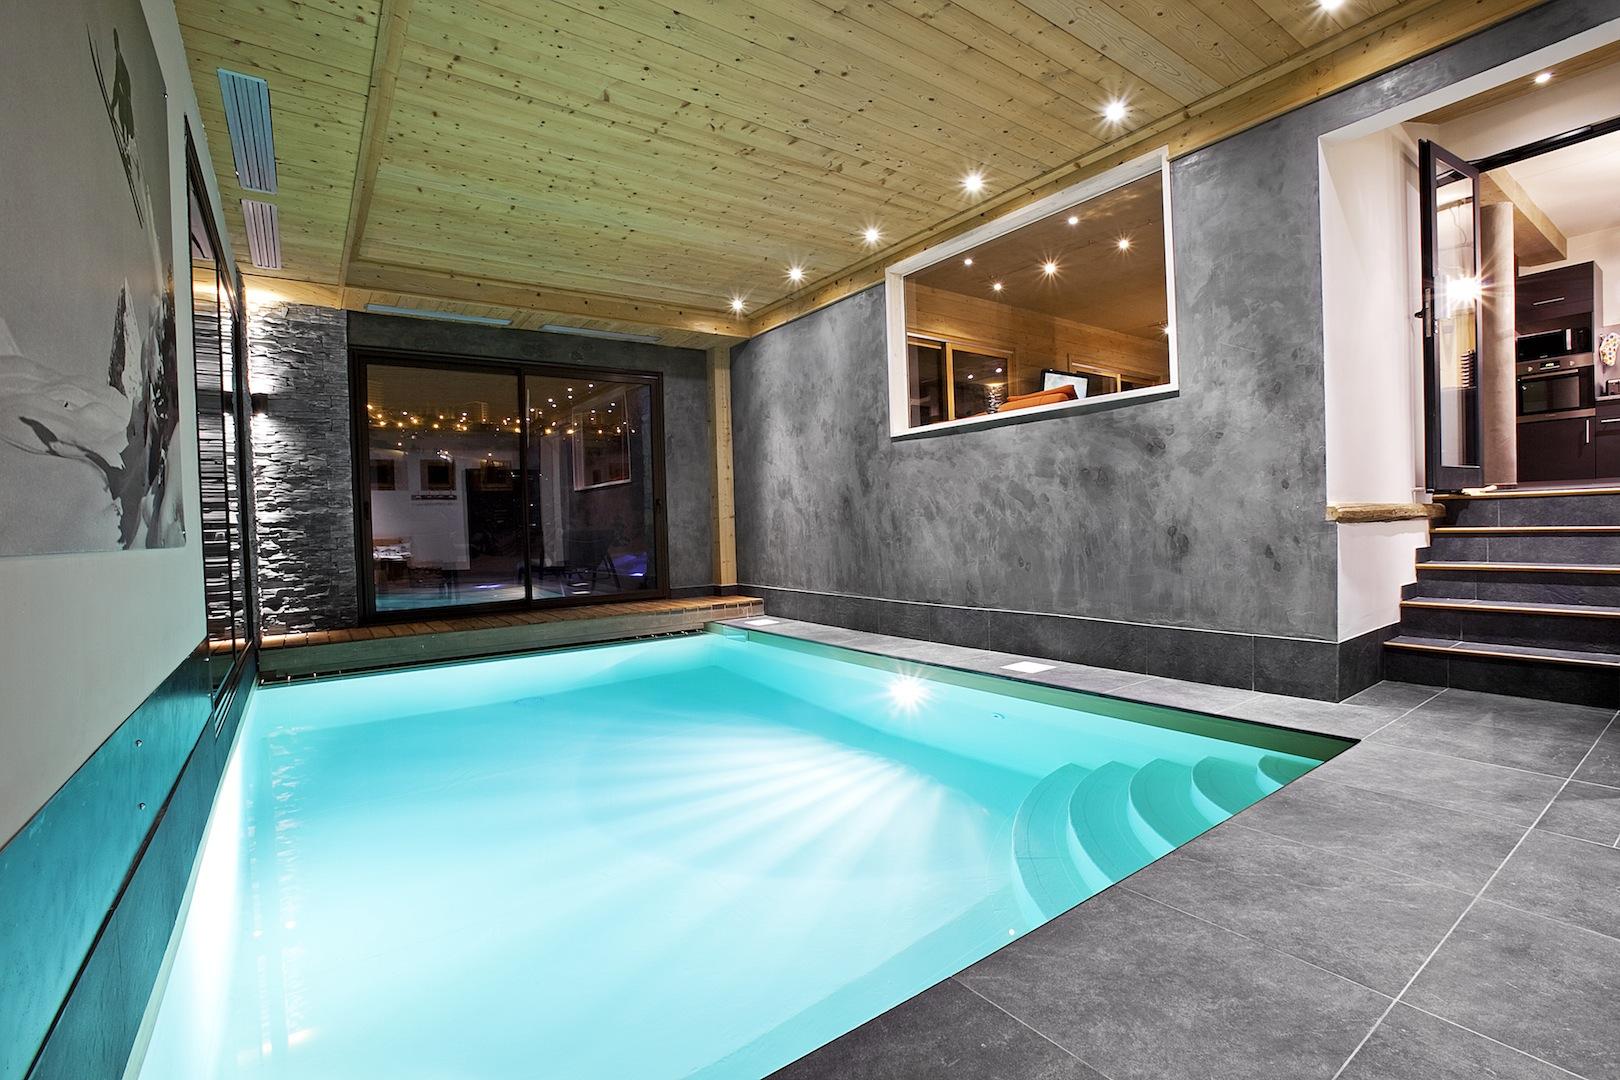 Location chalet avec piscine courchevel les 3 vall es en for Chalet avec piscine